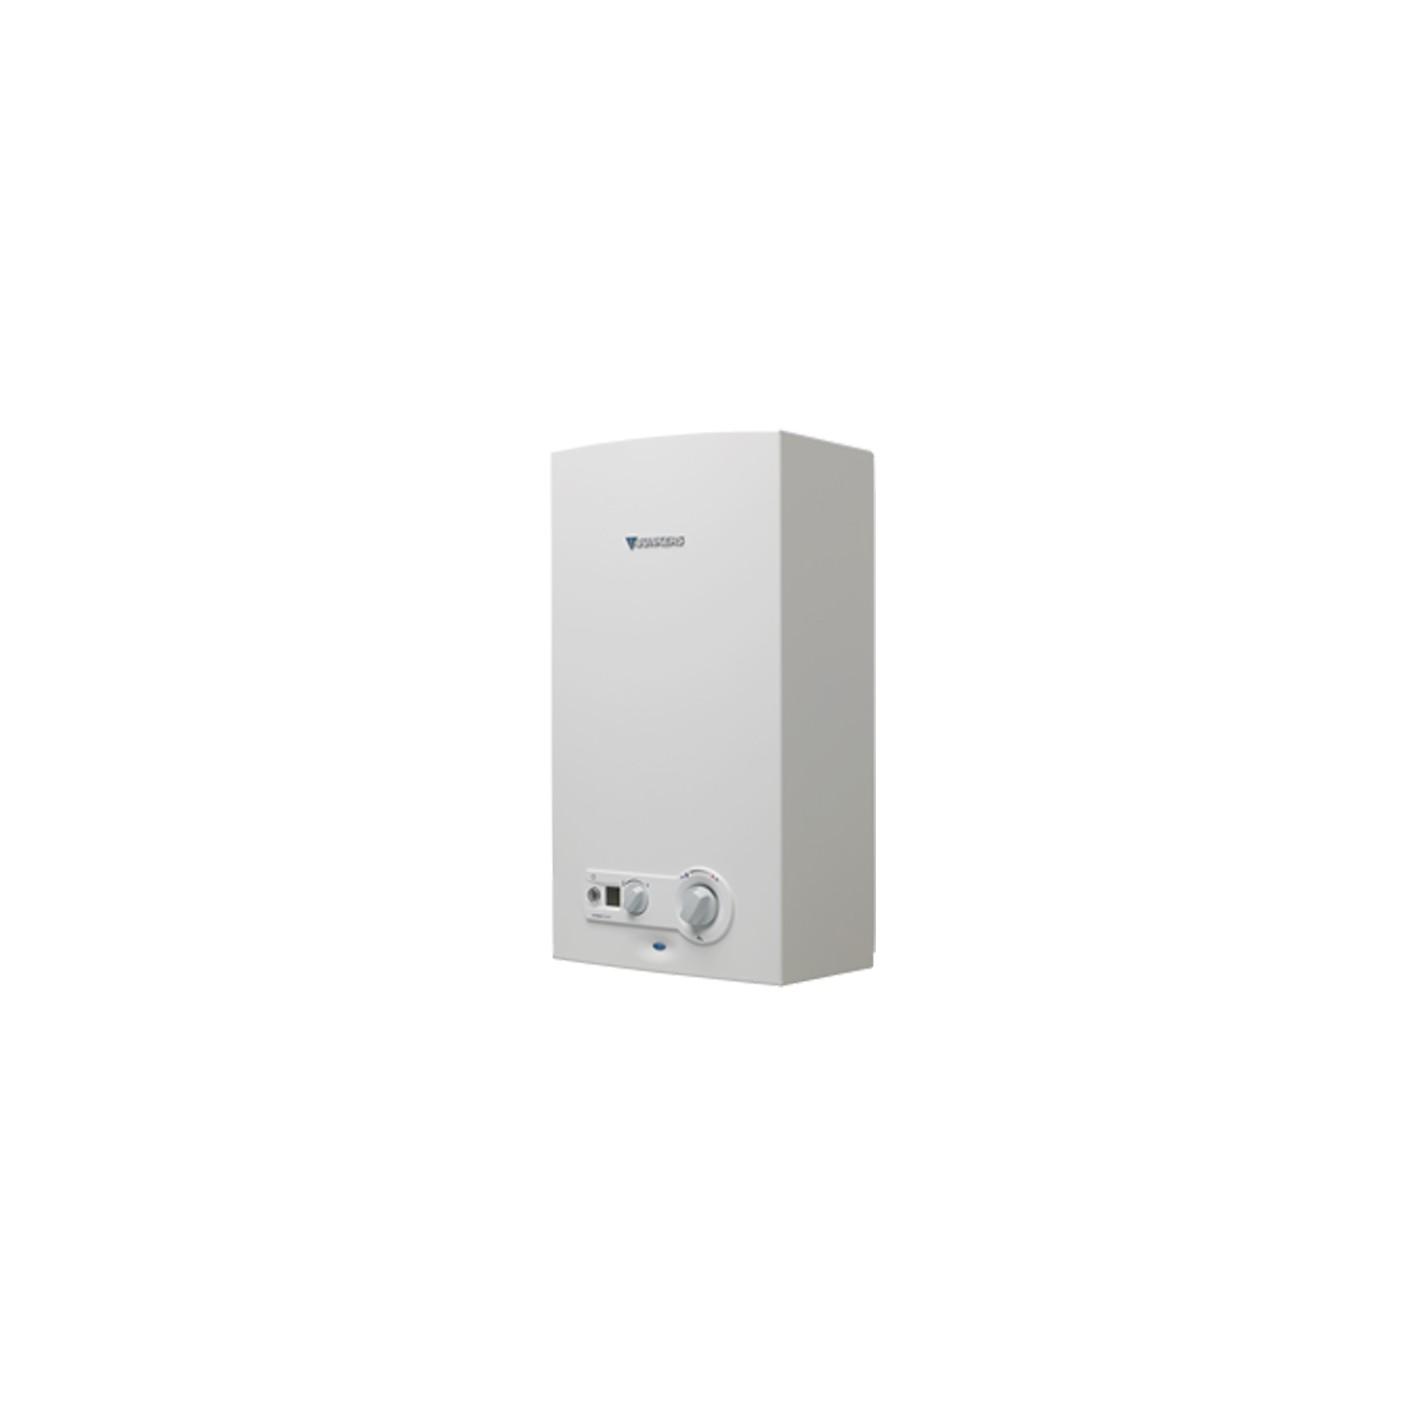 Calentador junkers minimaxx wrd 14 2kme compra online for Calentador de agua junkers